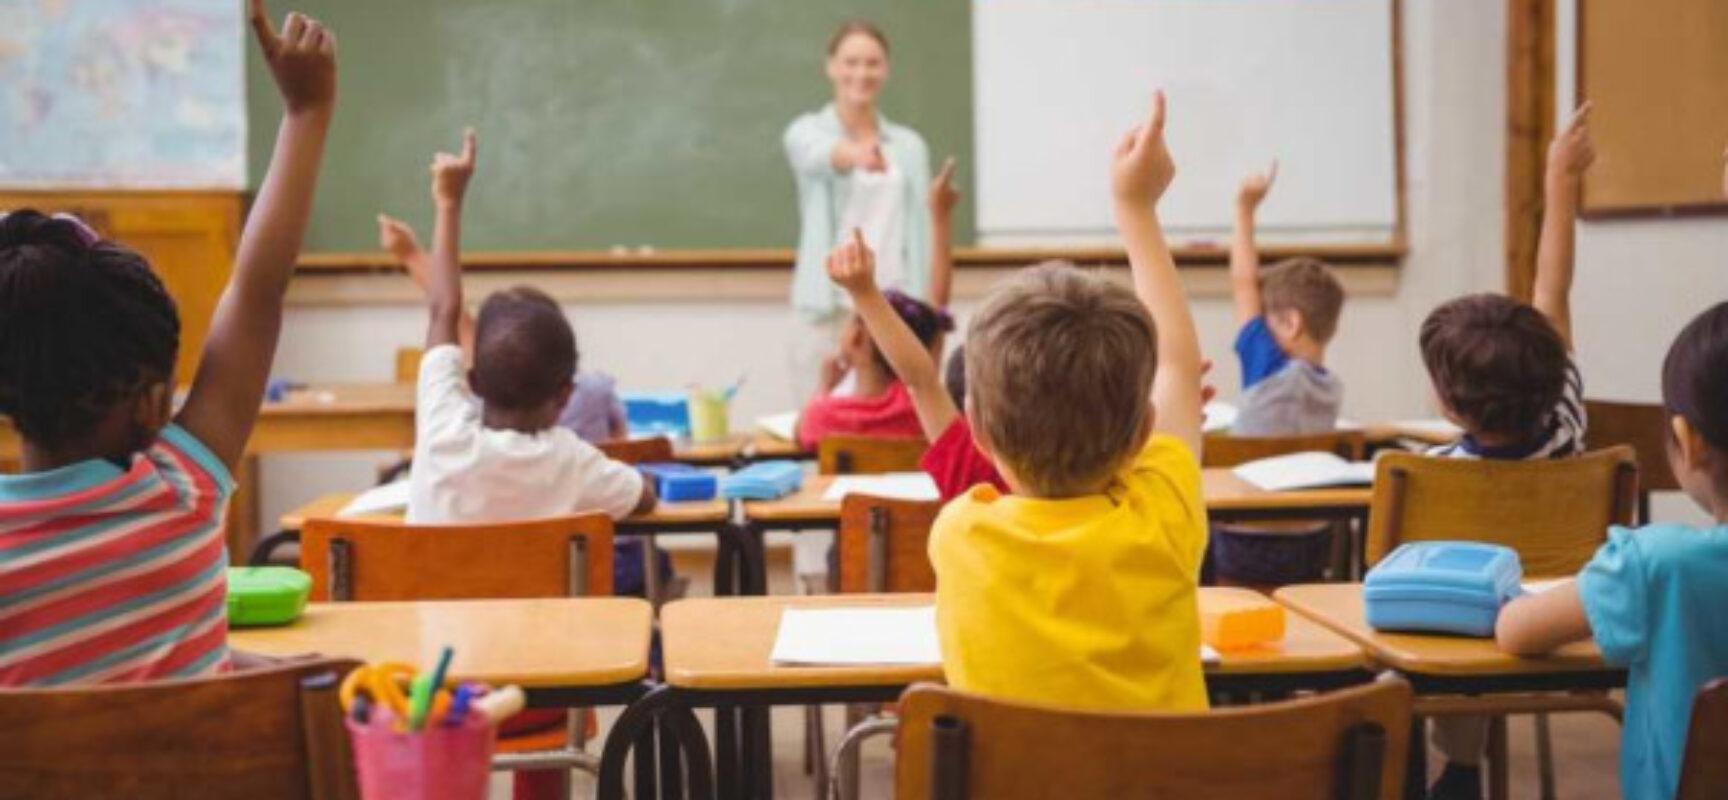 Senadores debatem na segunda-feira a situação da educação com a pandemia